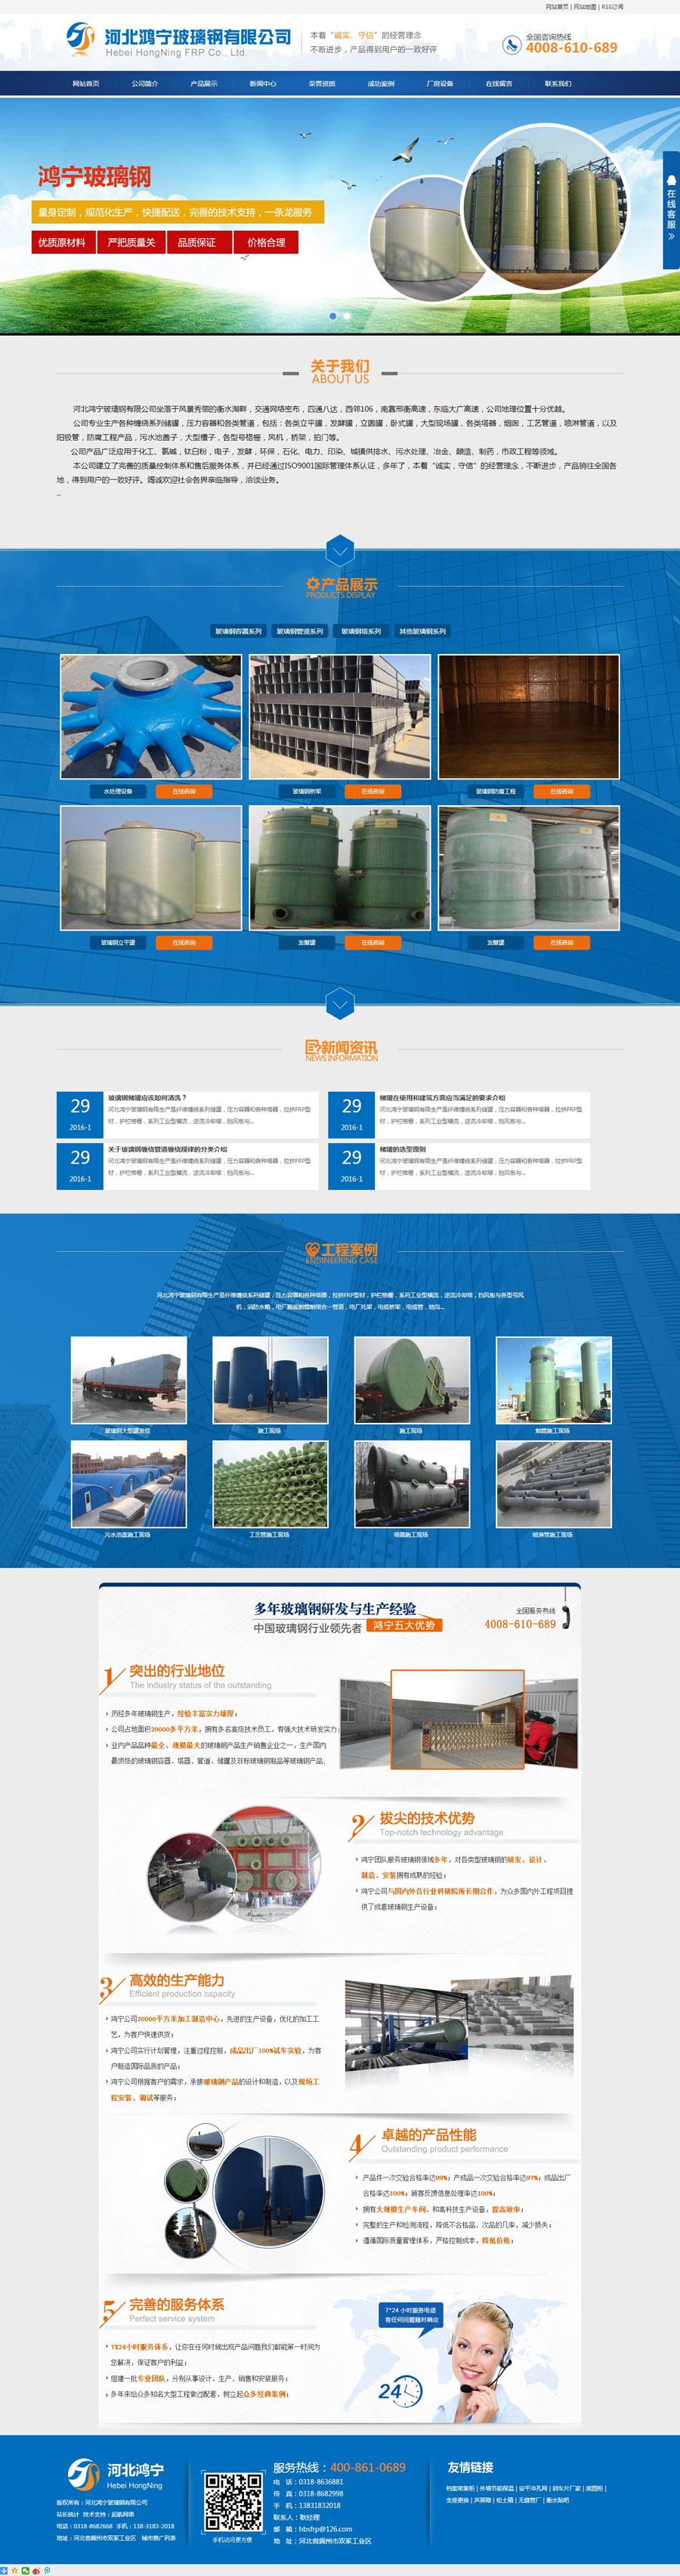 河北鸿宁玻璃钢有限公司